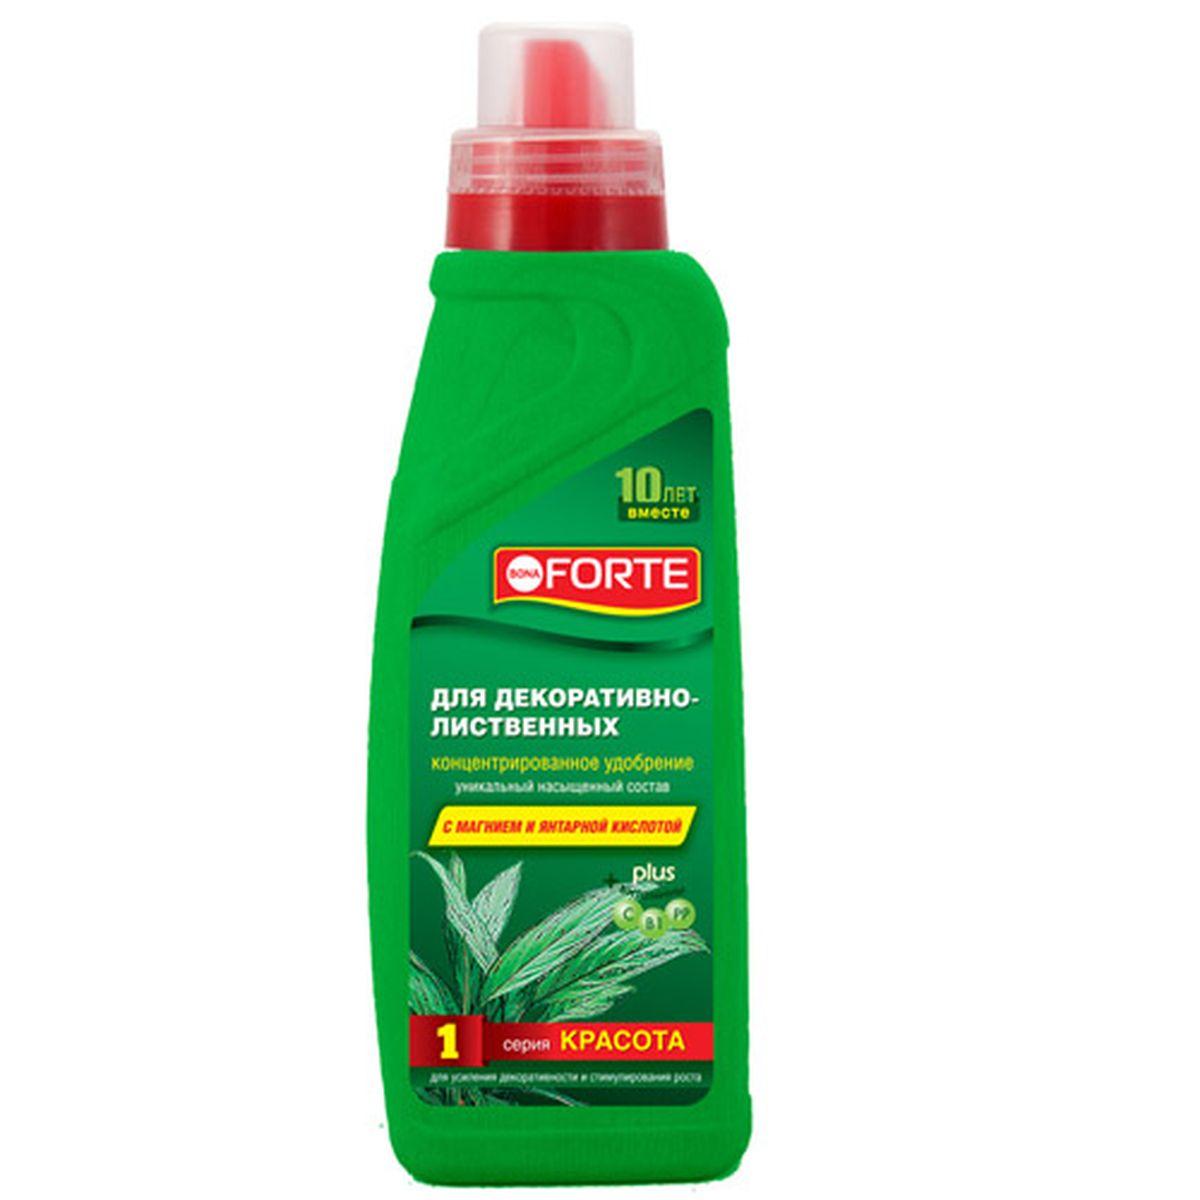 Жидкое комплексное удобрение Bona Forte, 750 мл (серия КРАСОТА)BF-21-03-002-1Уникальный состав удобрения, придает сочную зелень листьям, стимулирует рост и поддерживает иммунитет растений.